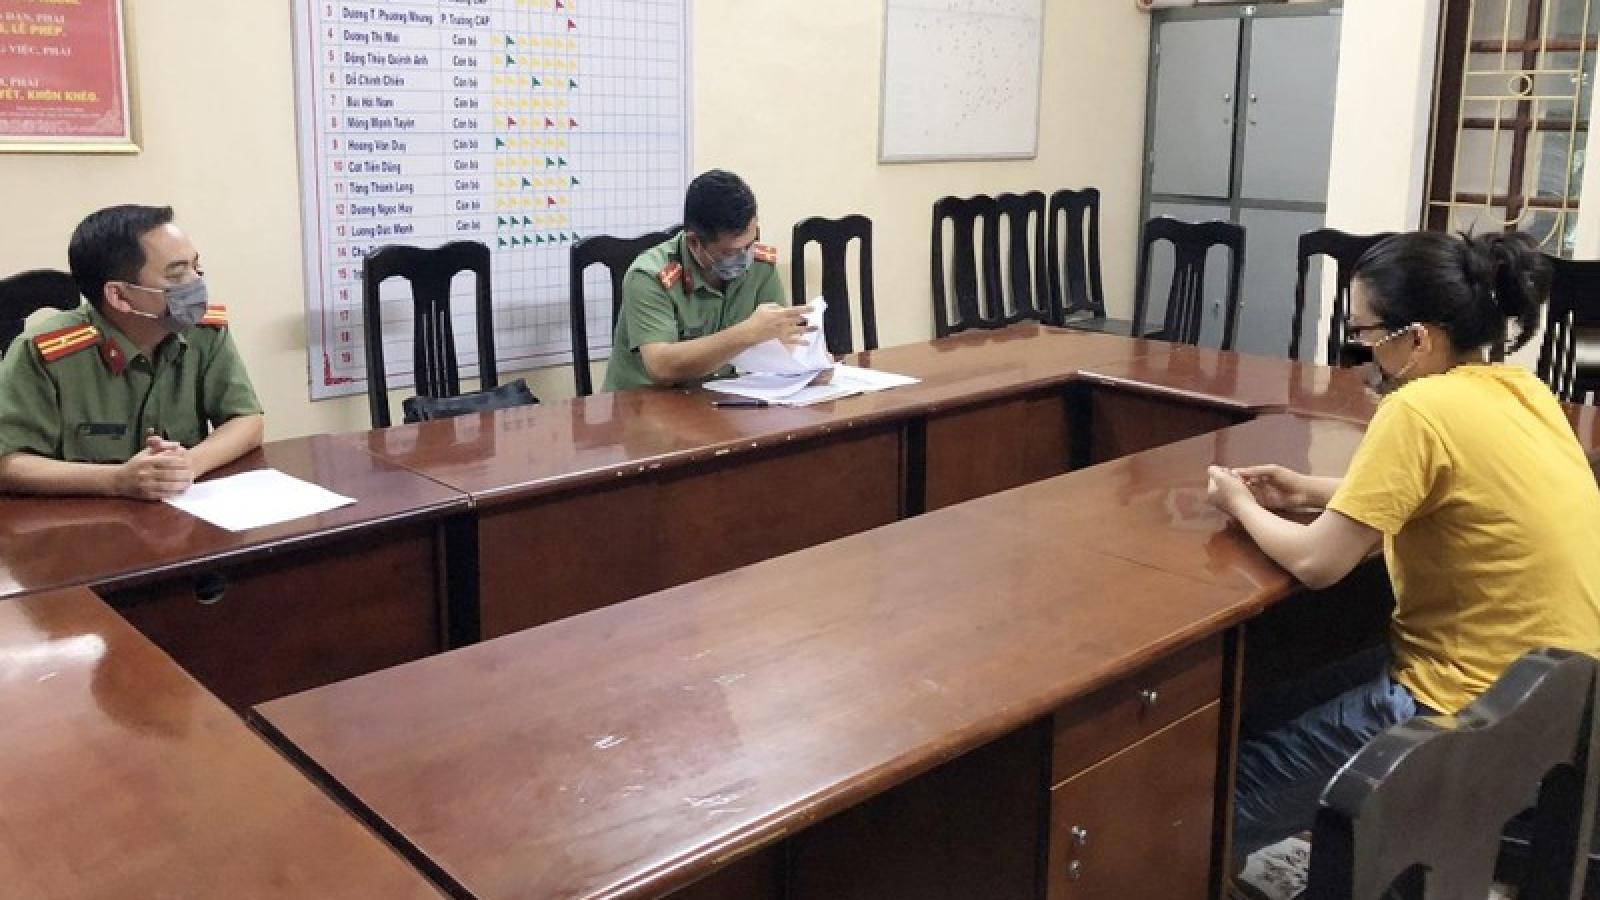 """Đăng tải thông tin """"chữa Covid-19 tại nhà"""", một người bị công an xử phạt"""